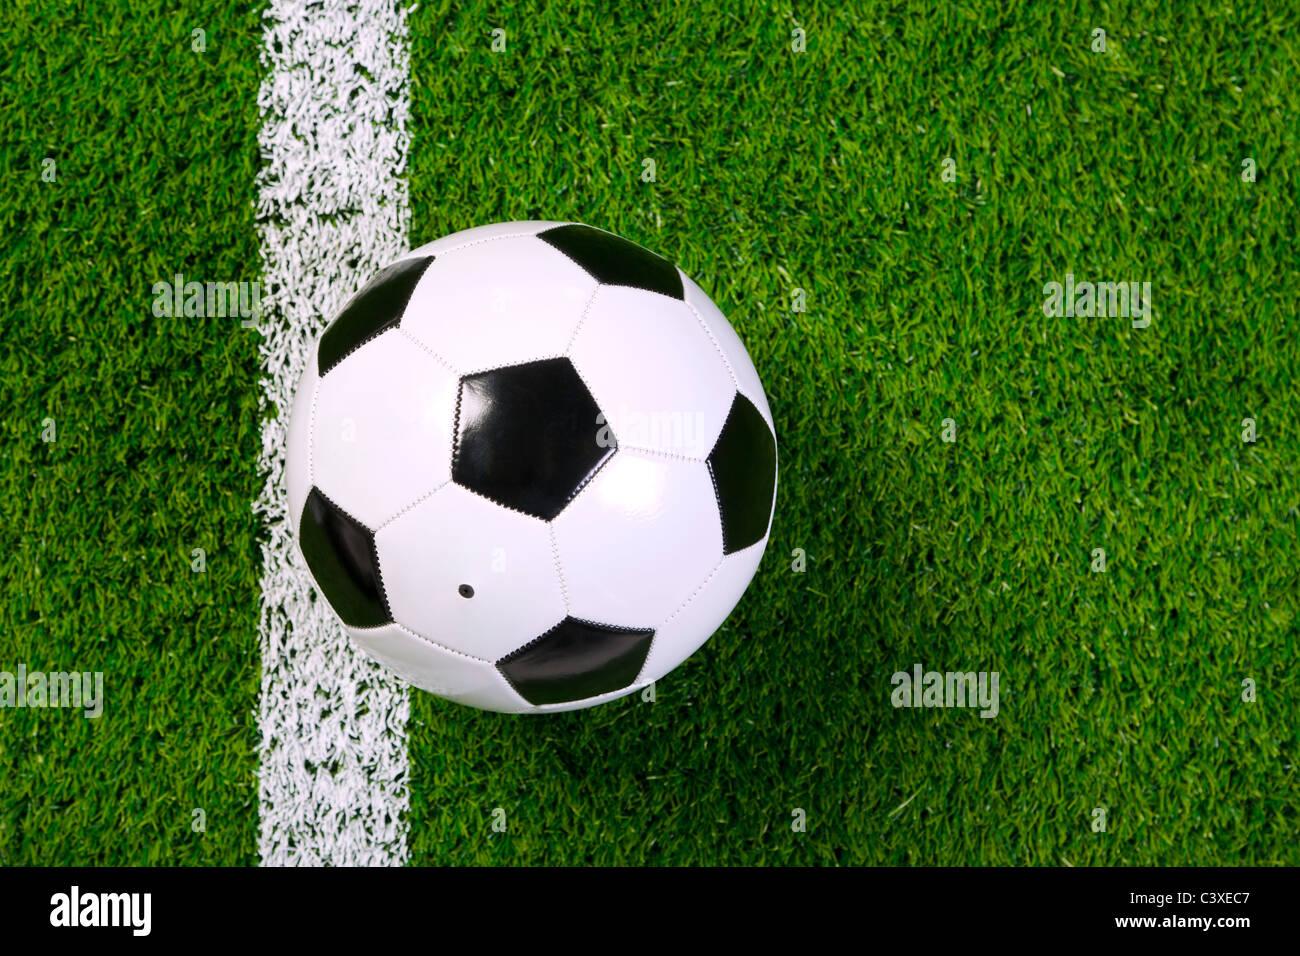 Foto di un calcio in pelle o palla calcio su un prato accanto alla linea bianca, ripresa dall'alto. Immagini Stock